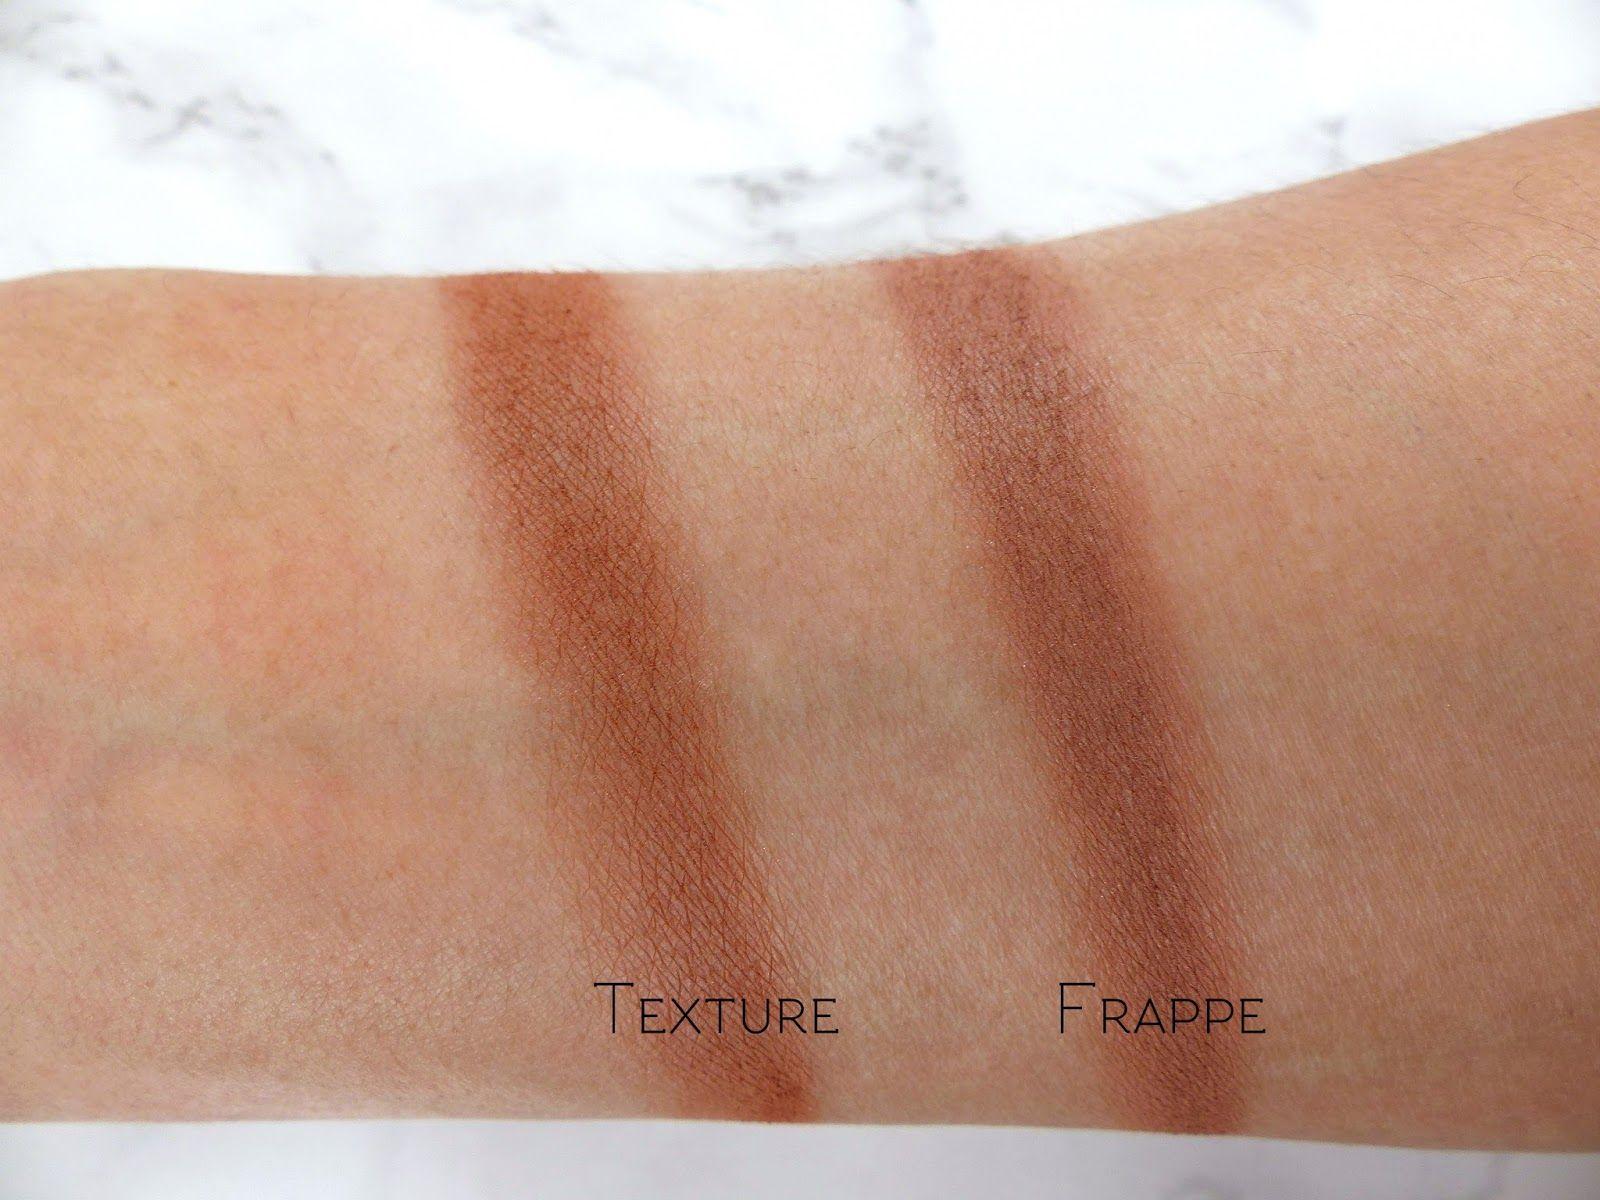 Mac Texture Eyeshadow Vs Makeup Geek Frappe